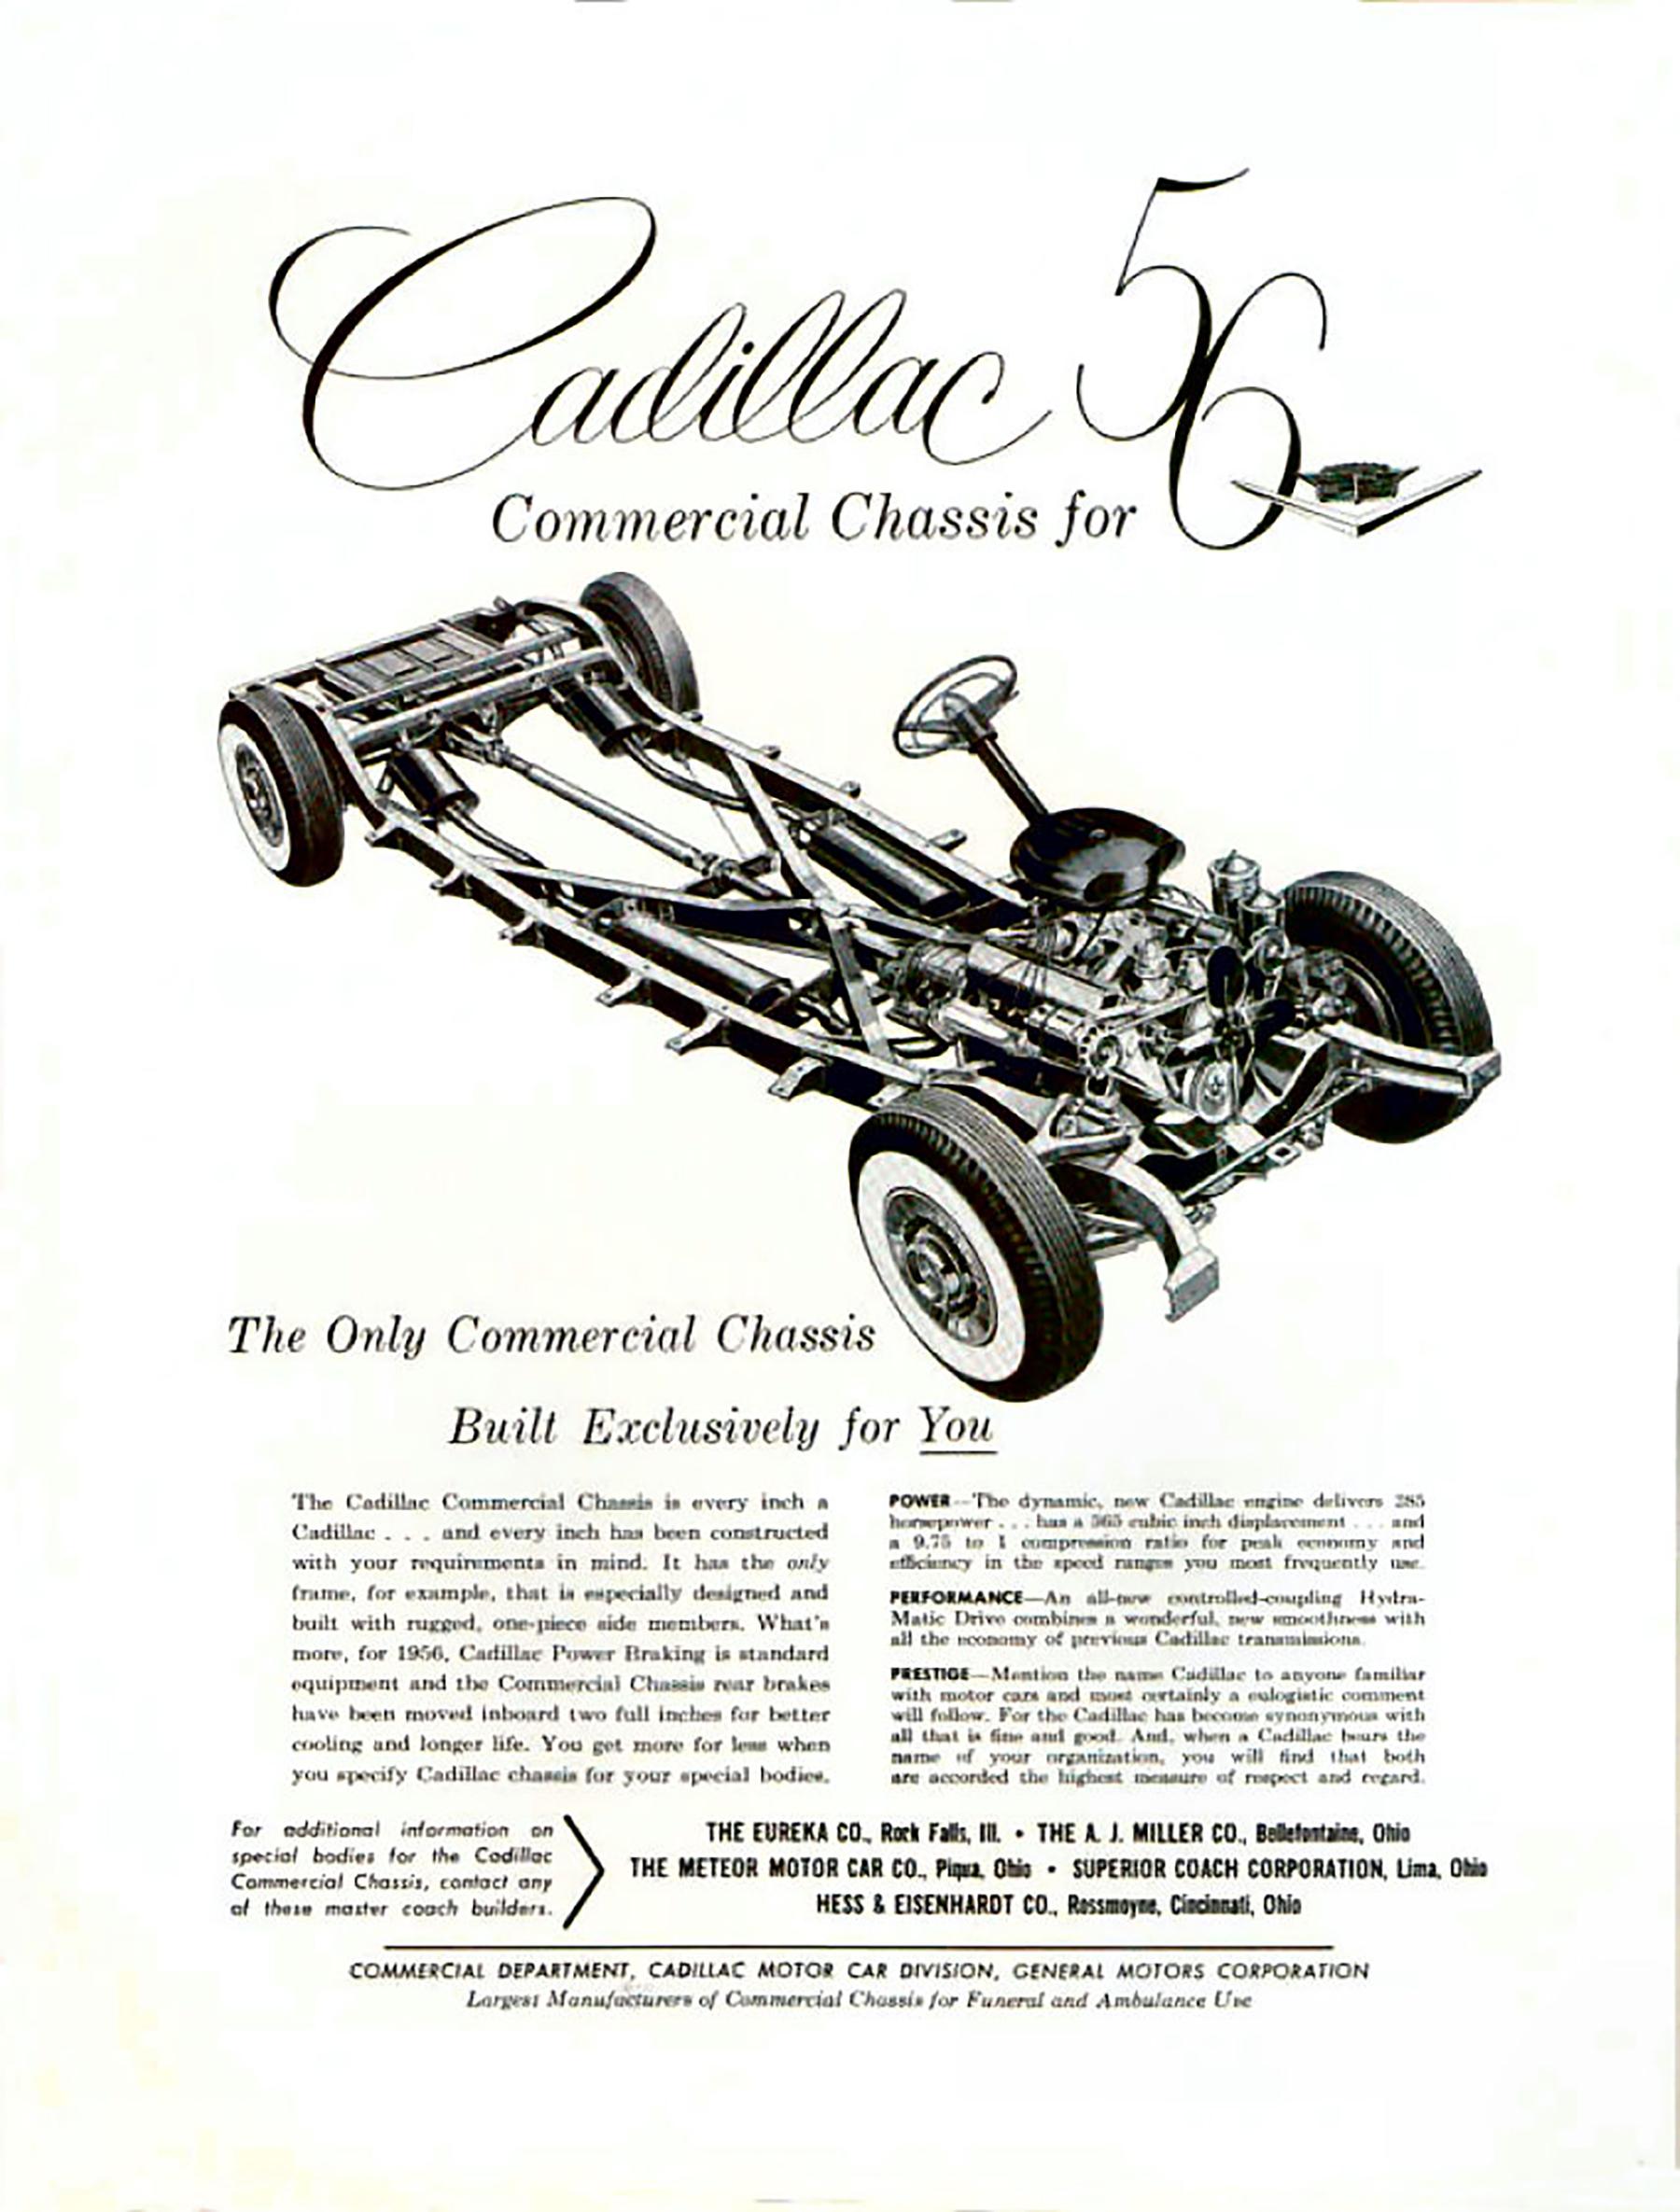 1956 Cadillac Cutaway